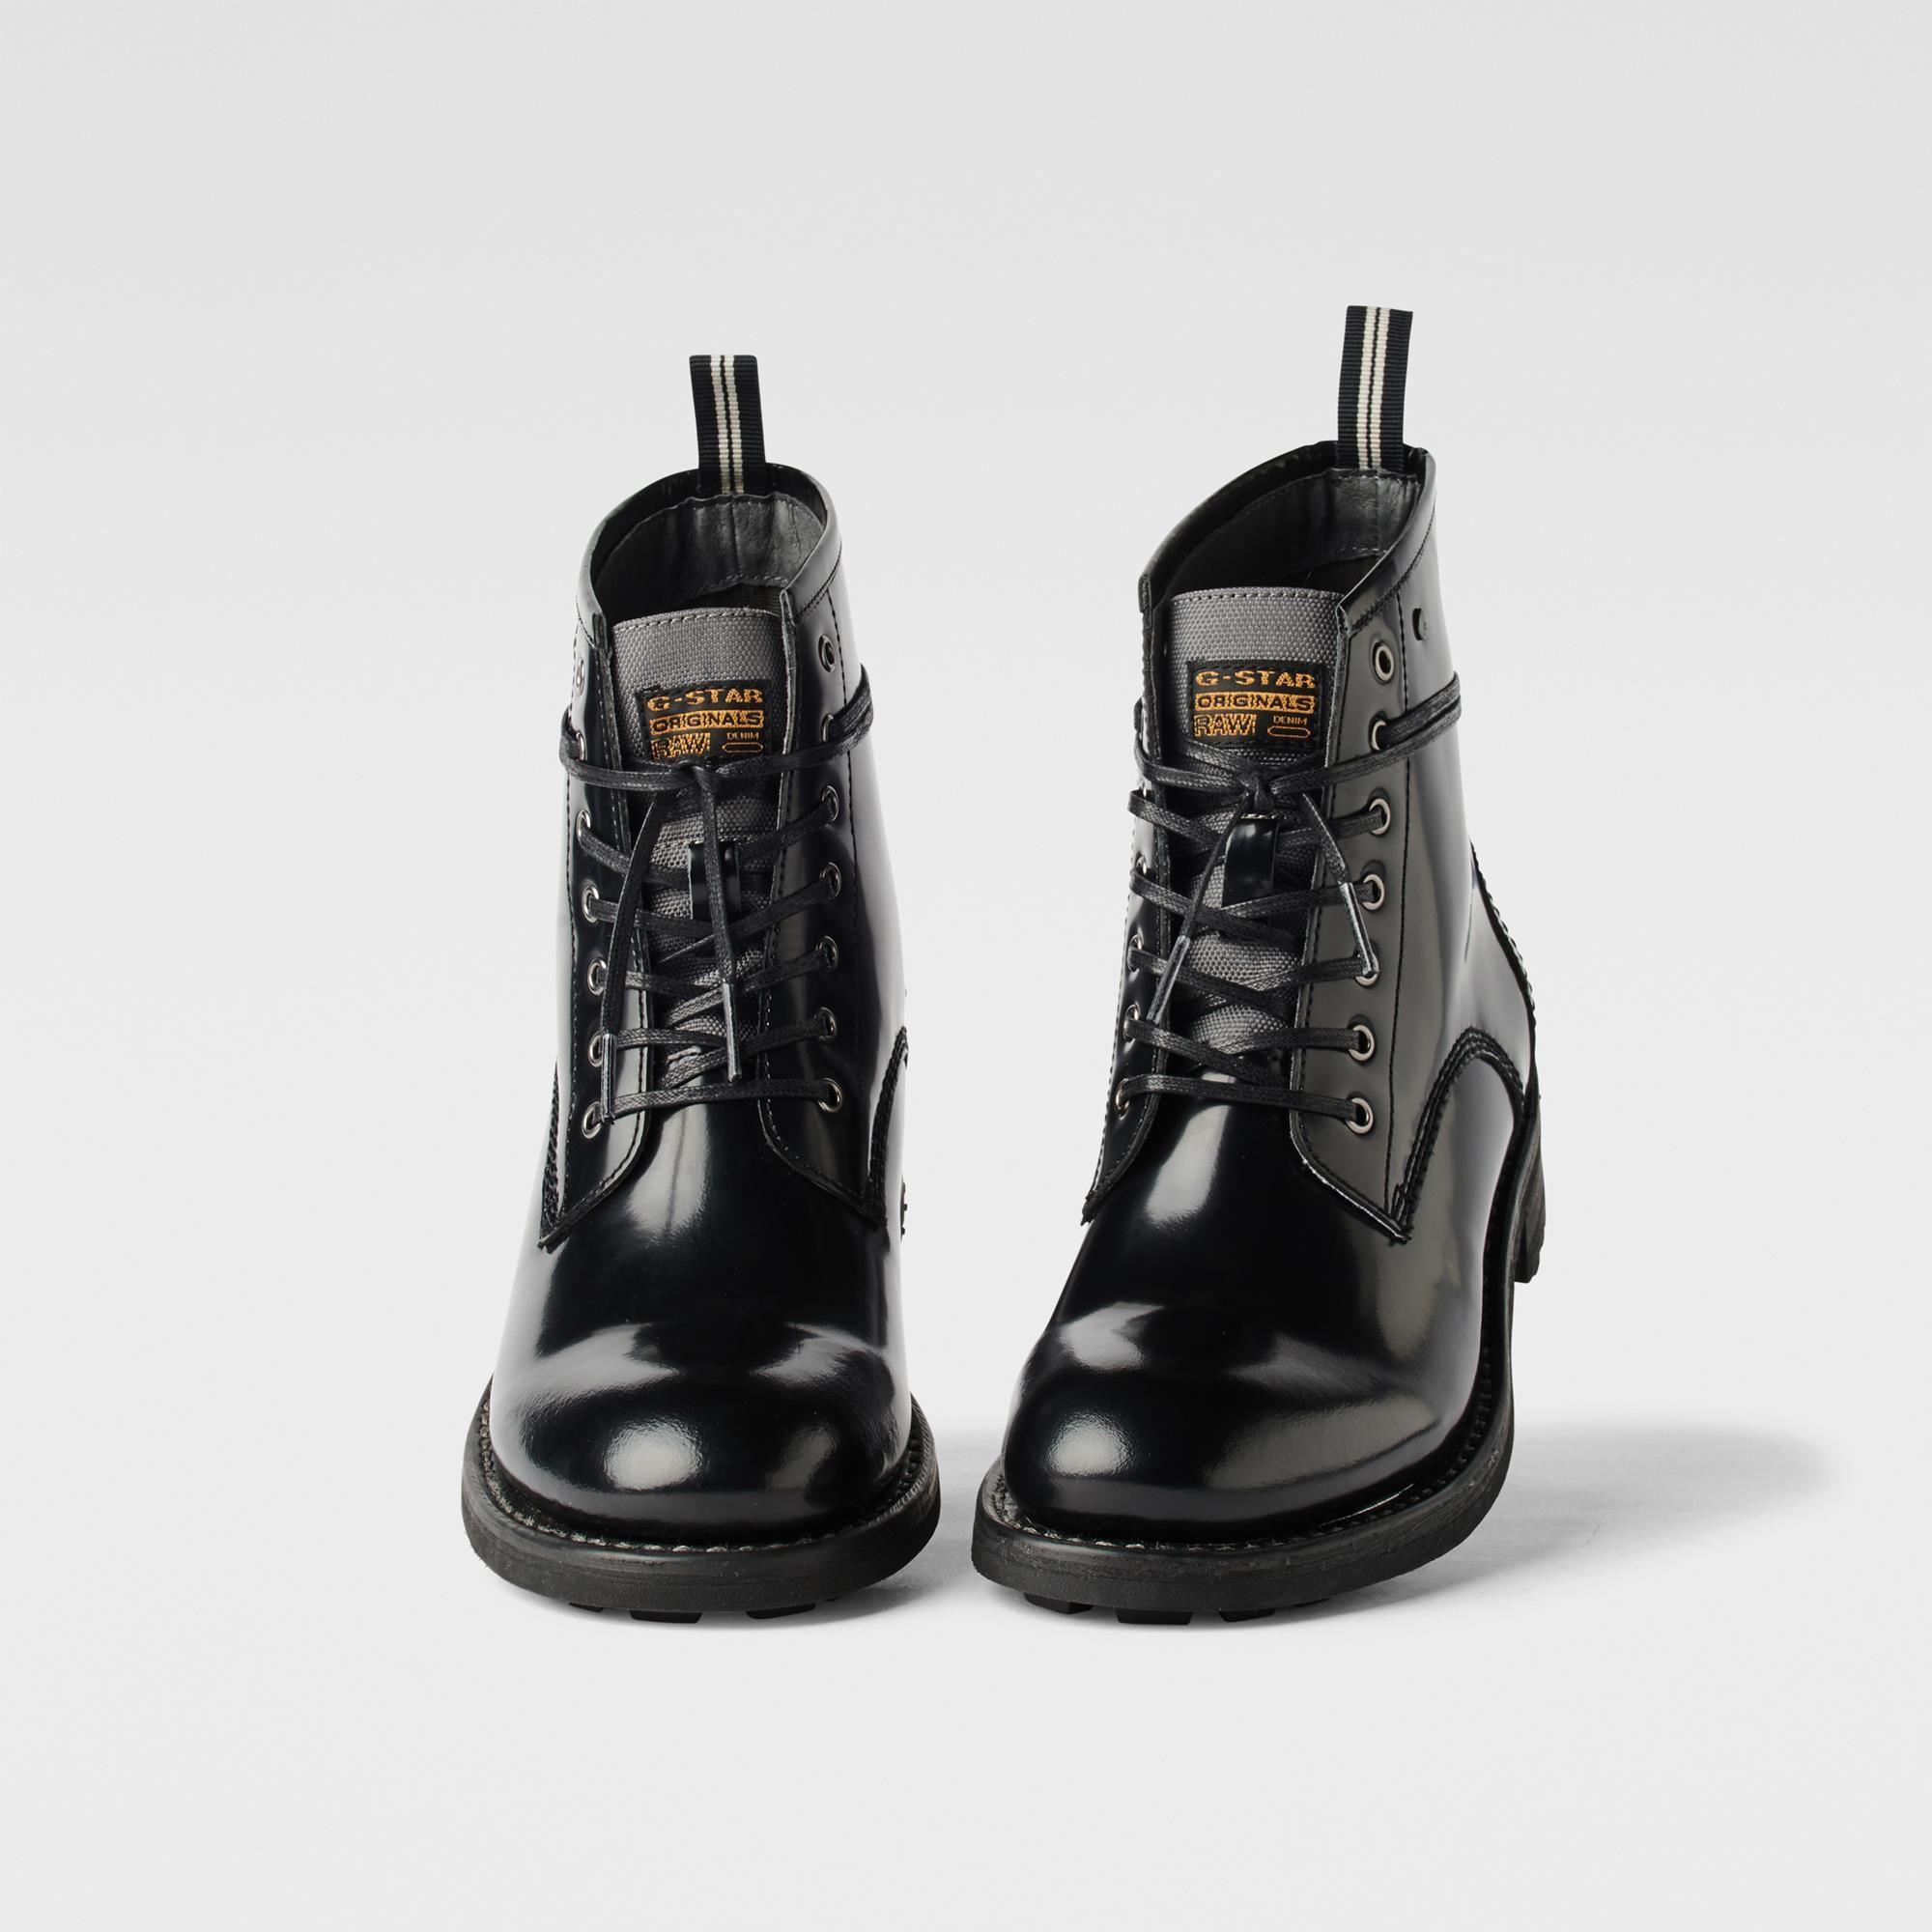 Grandes ofertas de Outlet Zapatos negros formales G-Star Raw para mujer 100% Original Oficial Q3Fs7